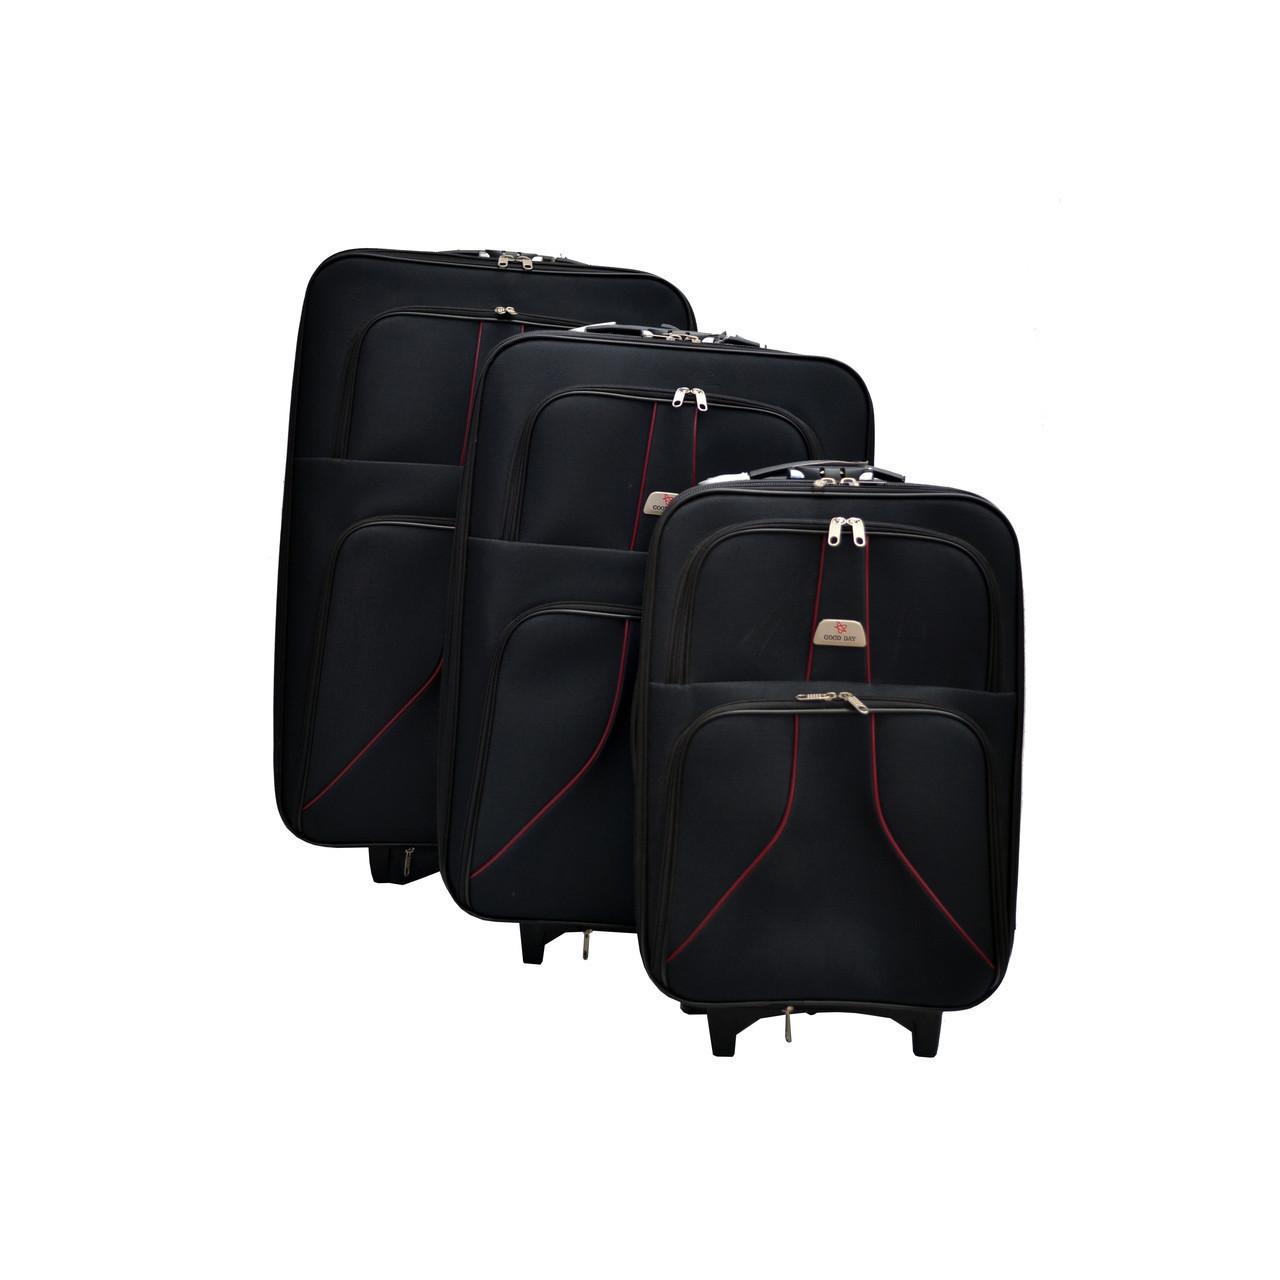 Большой дорожный чемодан на колесах размеры: 75 см х 50 см х 25+5 см